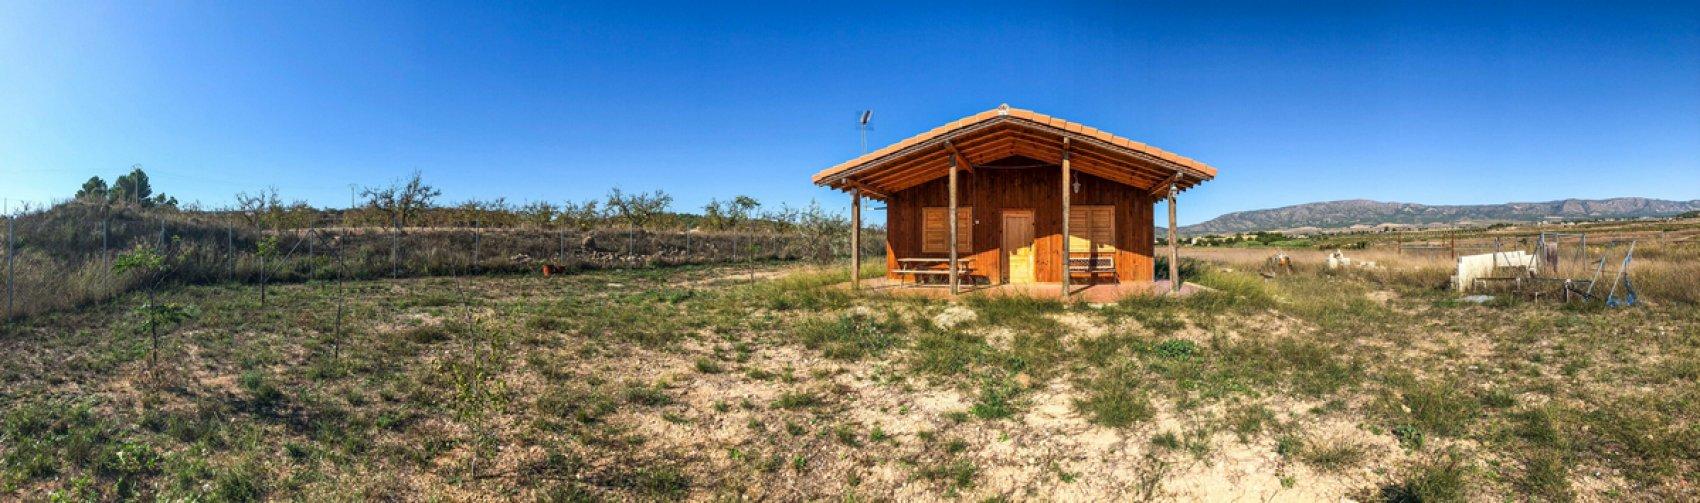 Wooden House Ubeda